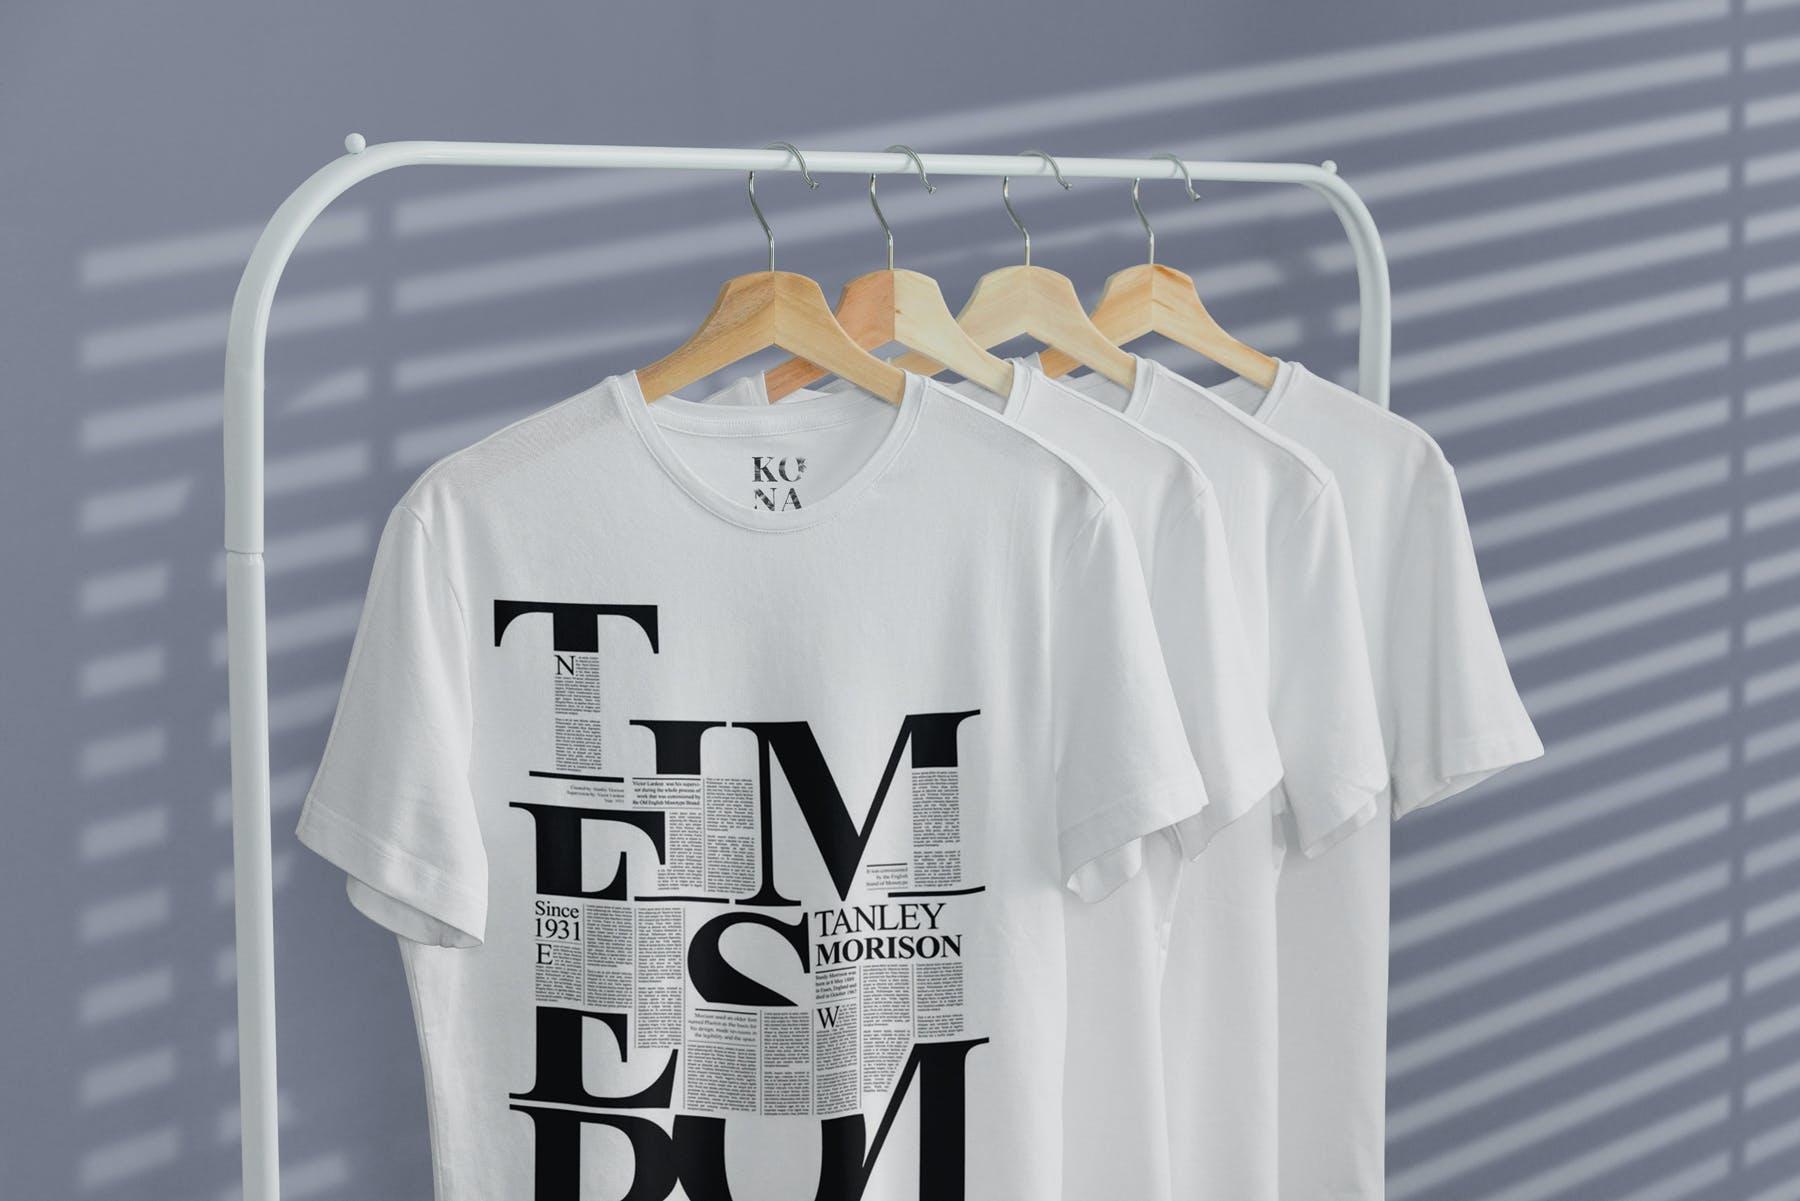 简约衣架T恤样机模型素材下载EG7YRL5插图(4)